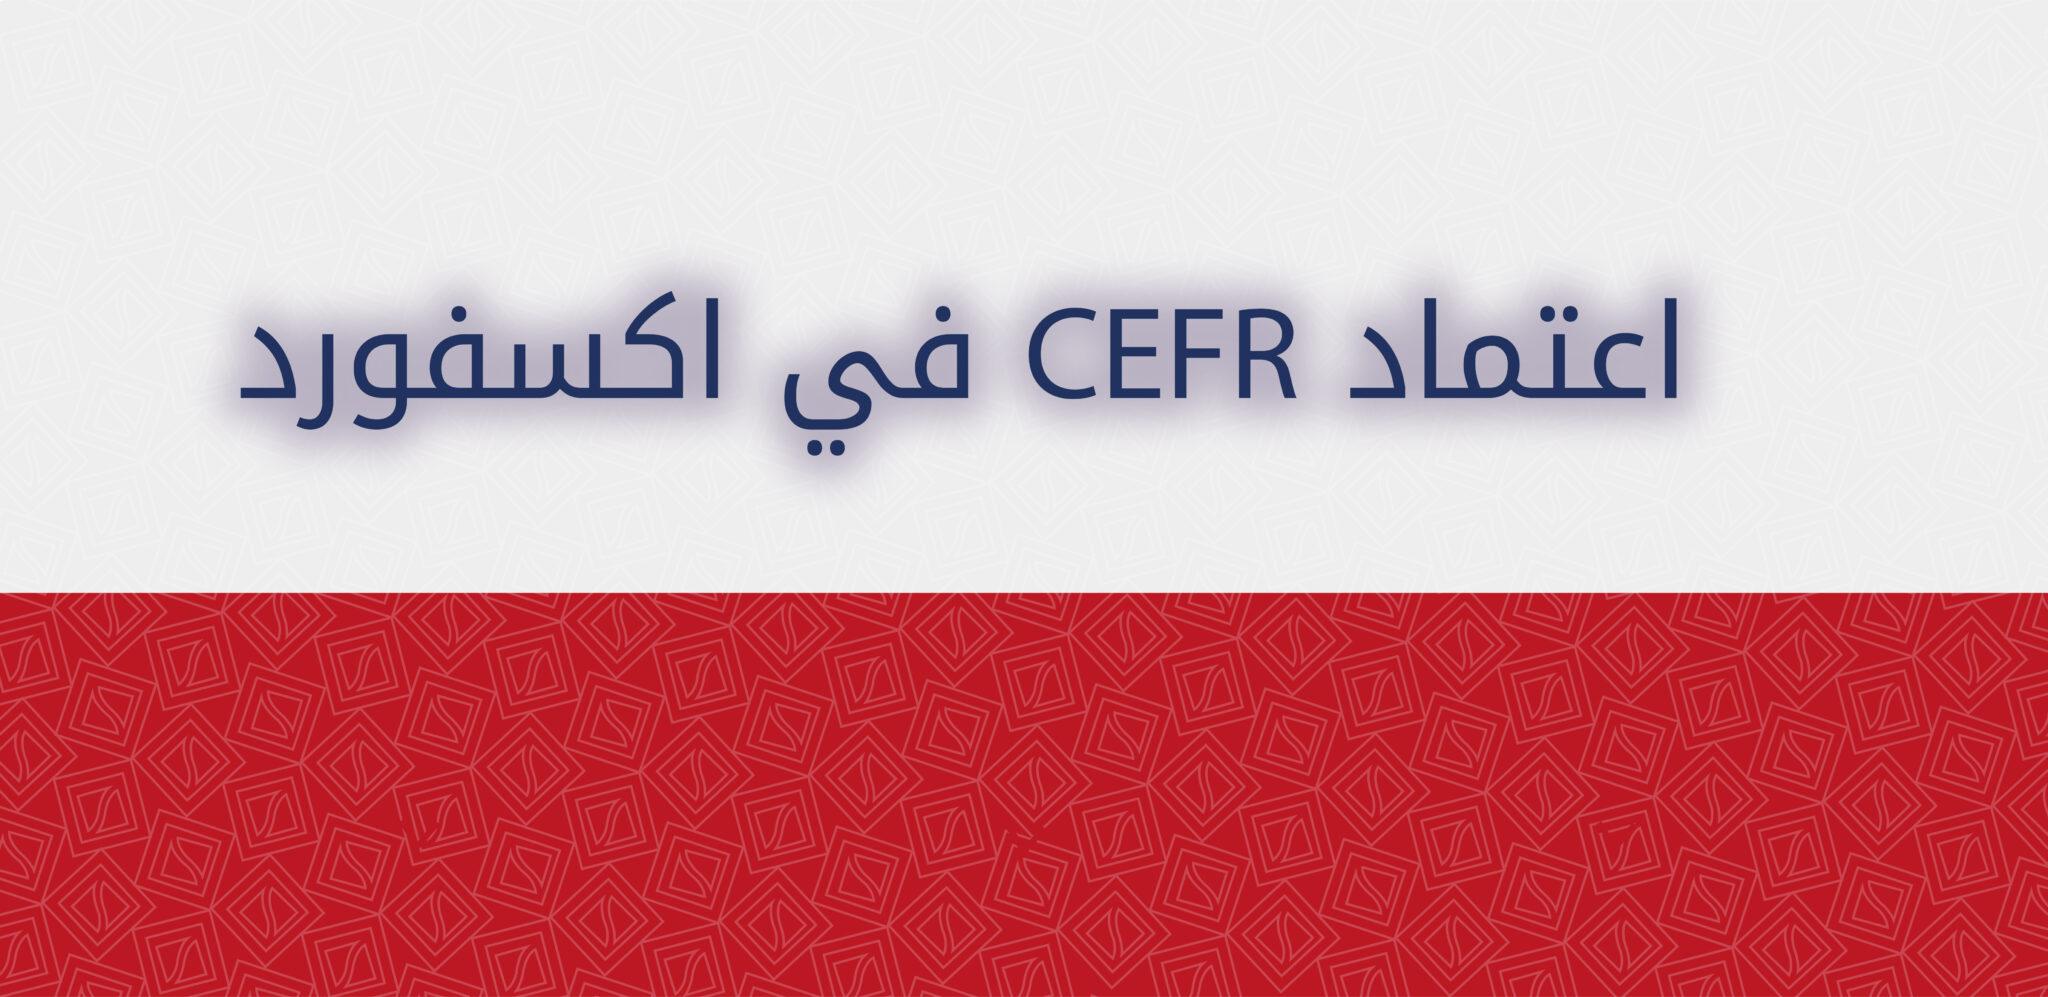 Oxford CEFR